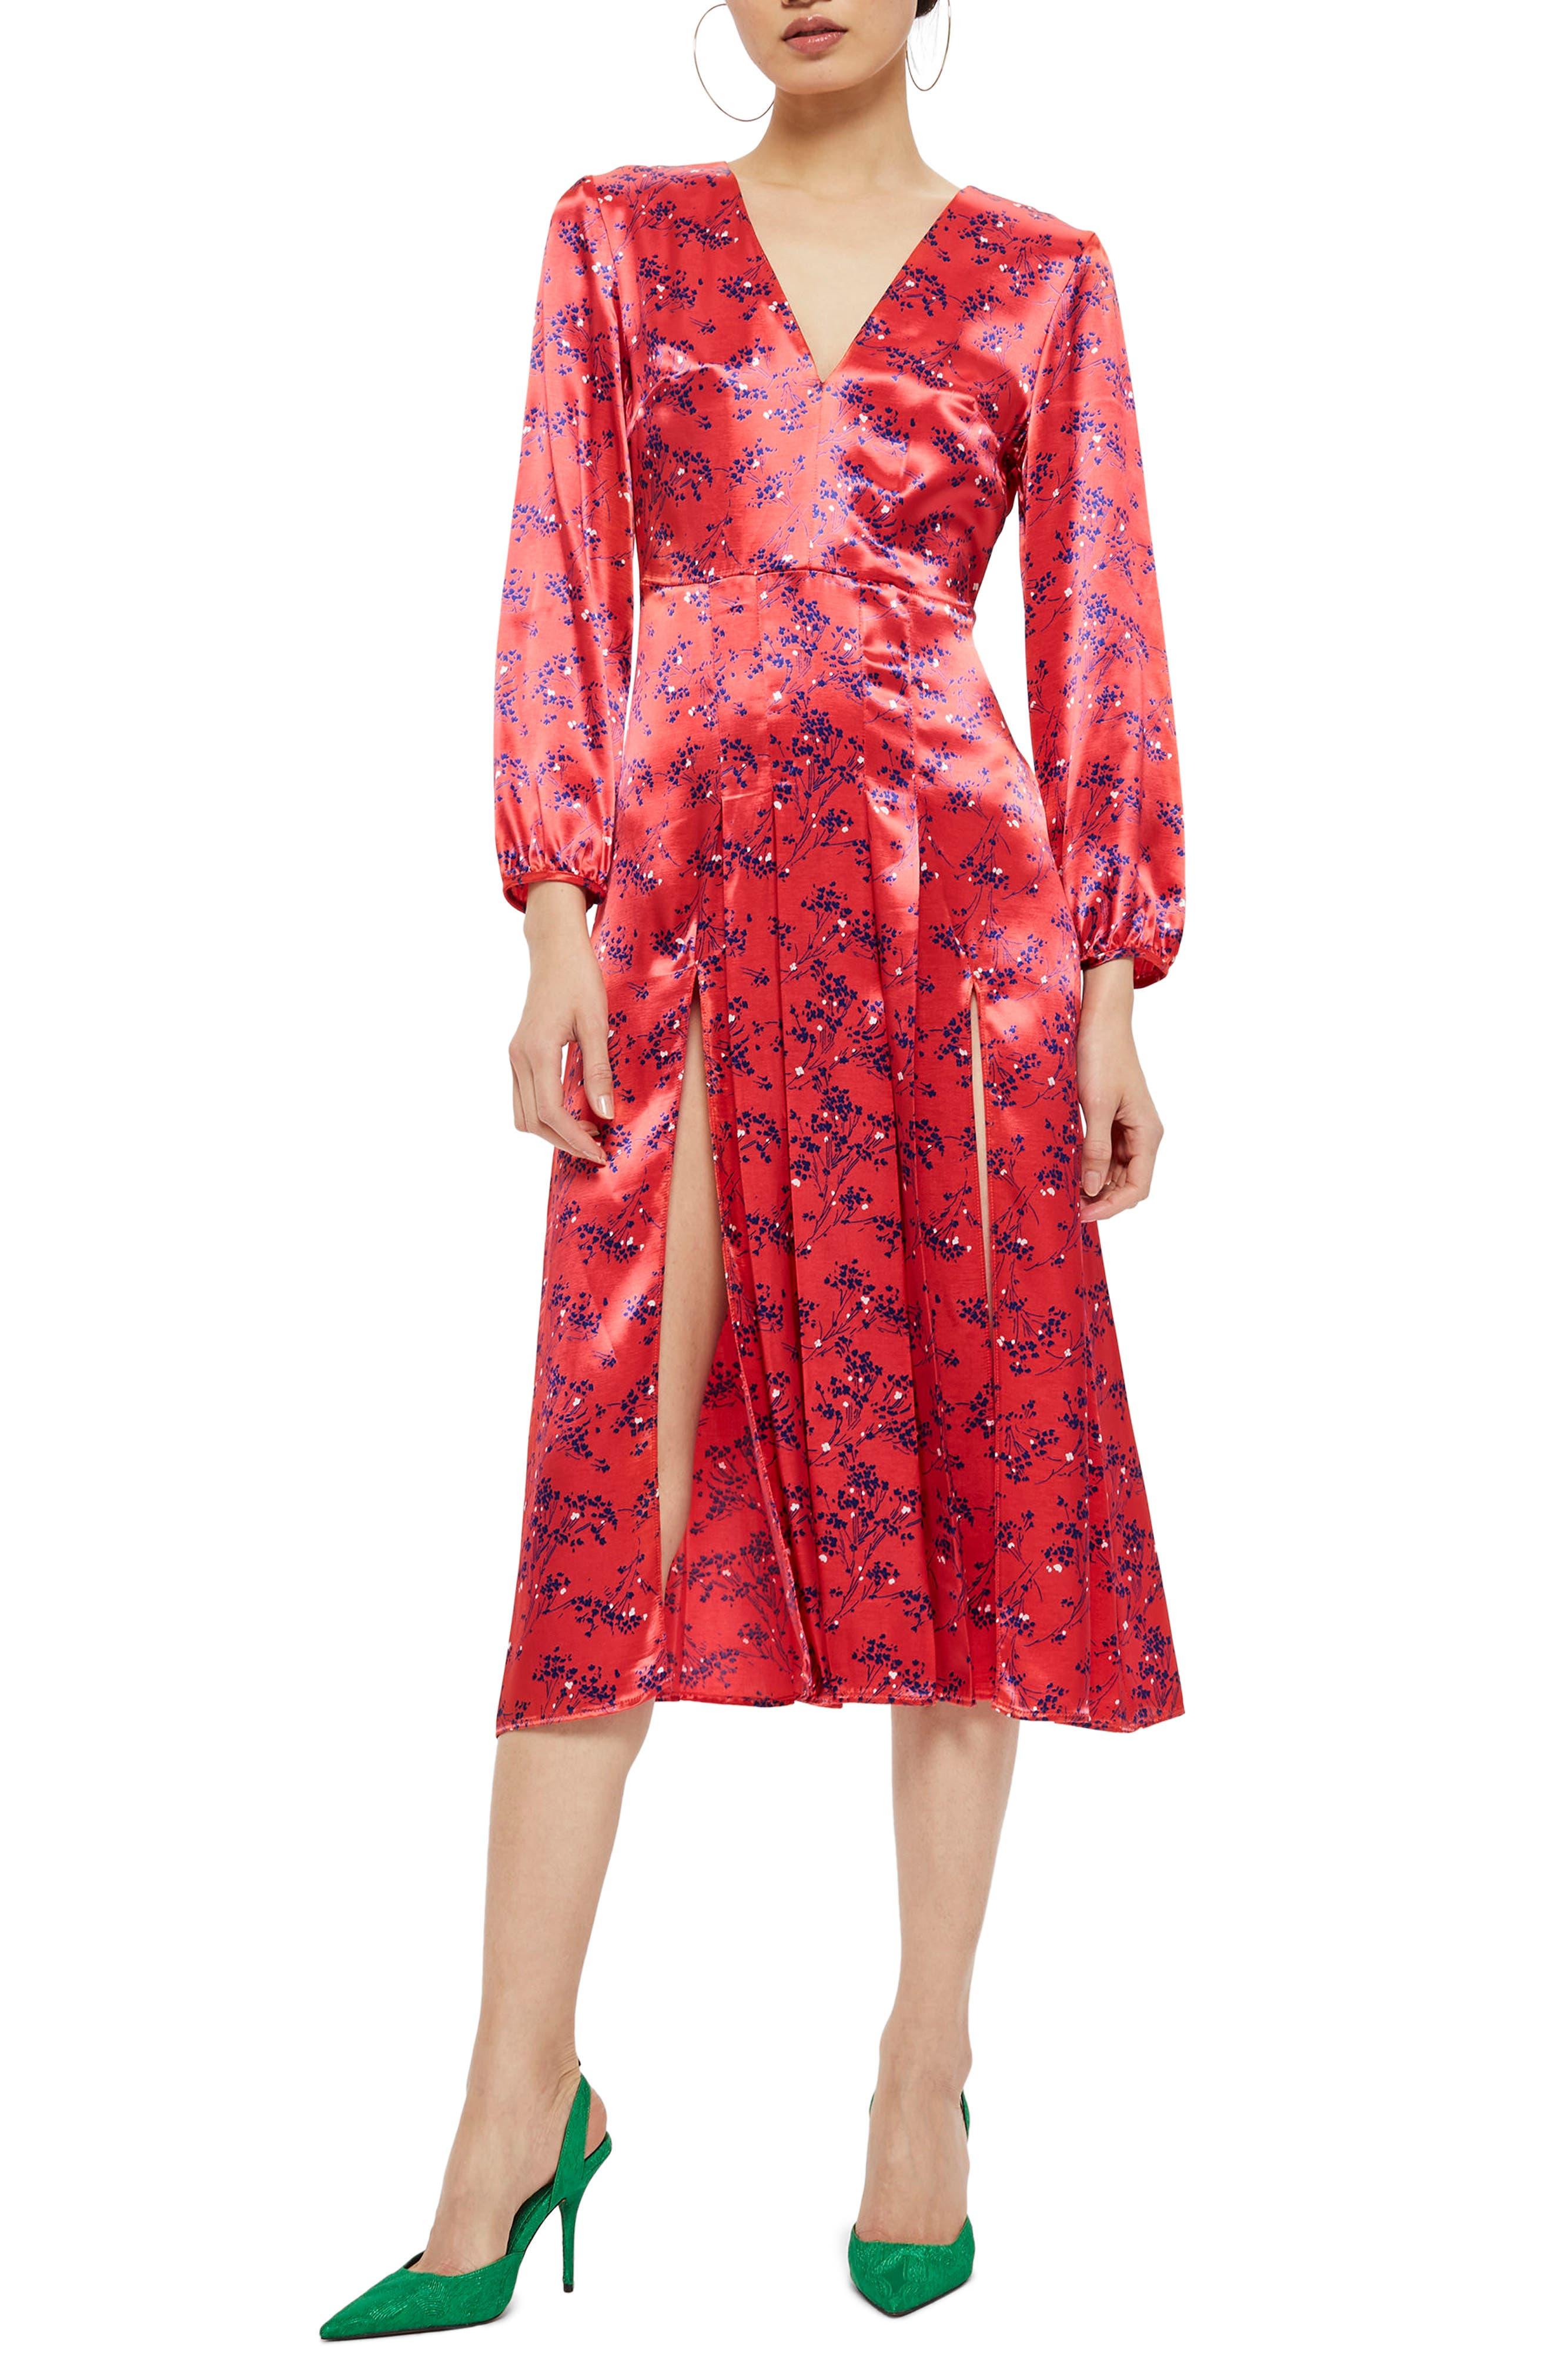 Topshop Wispy Floral Print Midi Dress